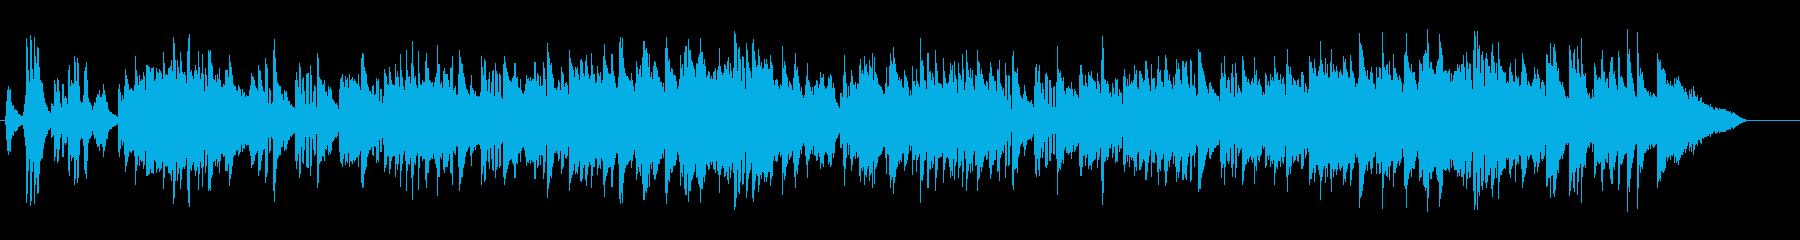 アーバン・ナイト風のジャズ・サウンドの再生済みの波形